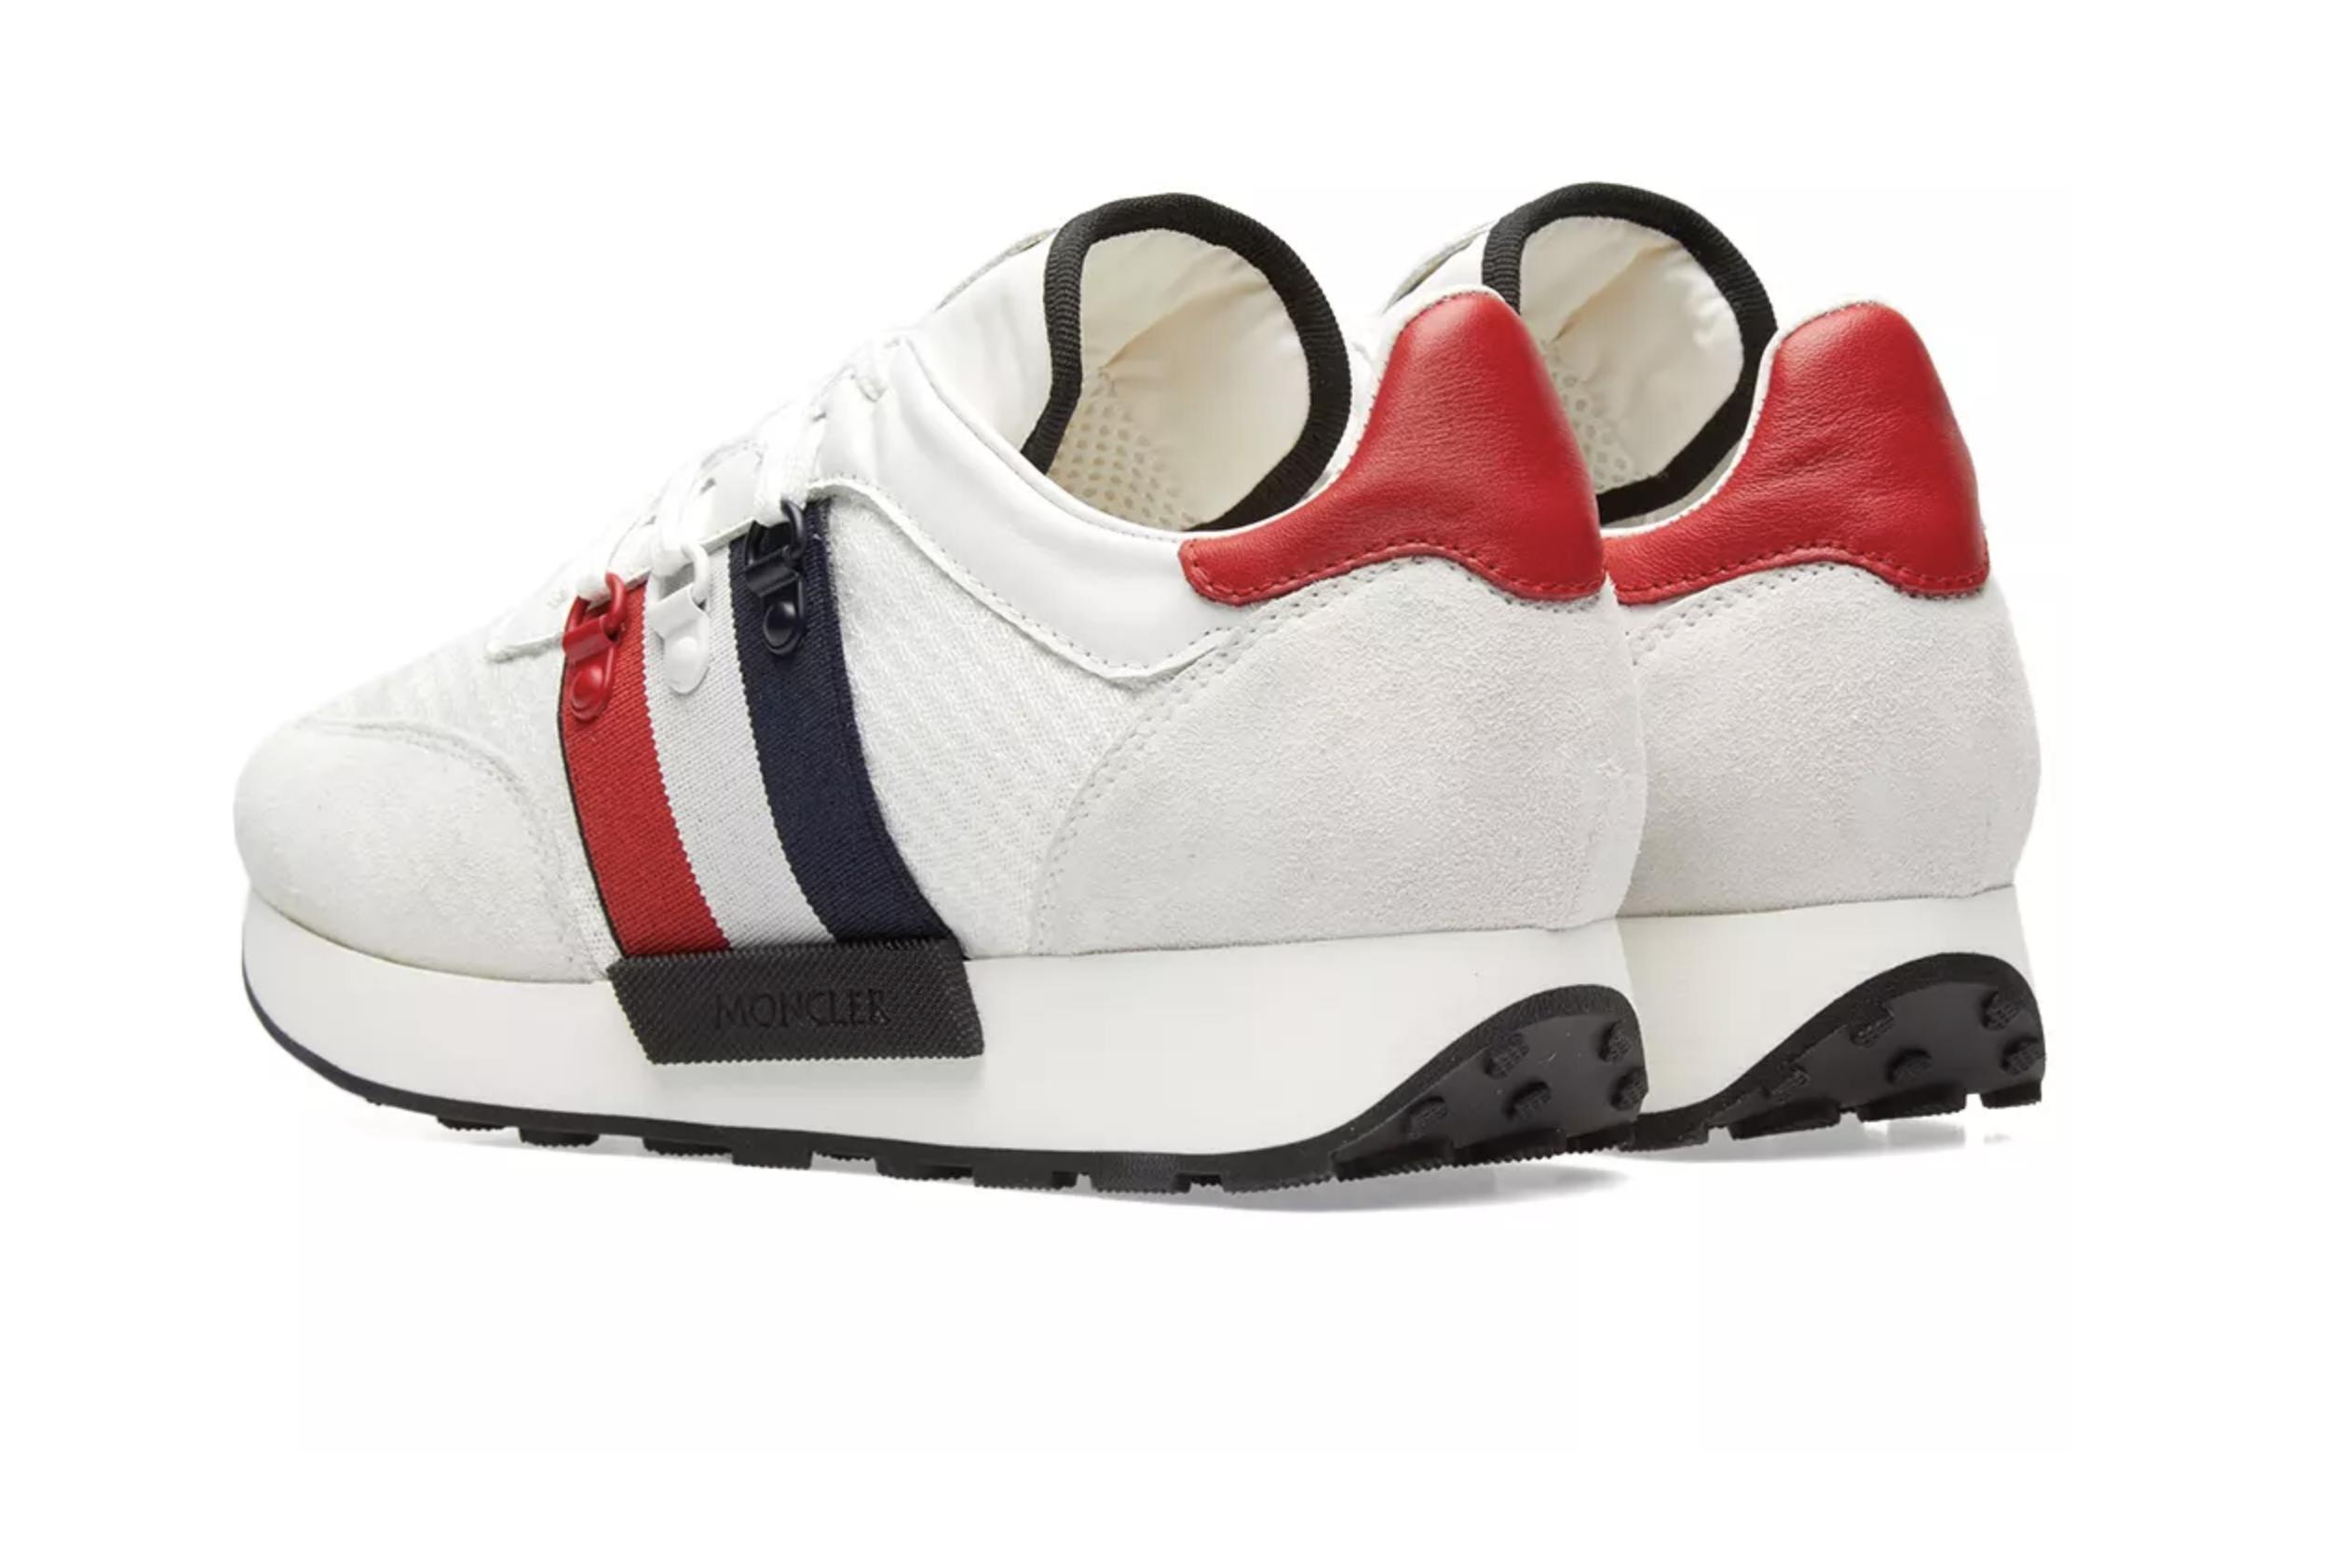 Moncler Horace Sneaker Freaker 2